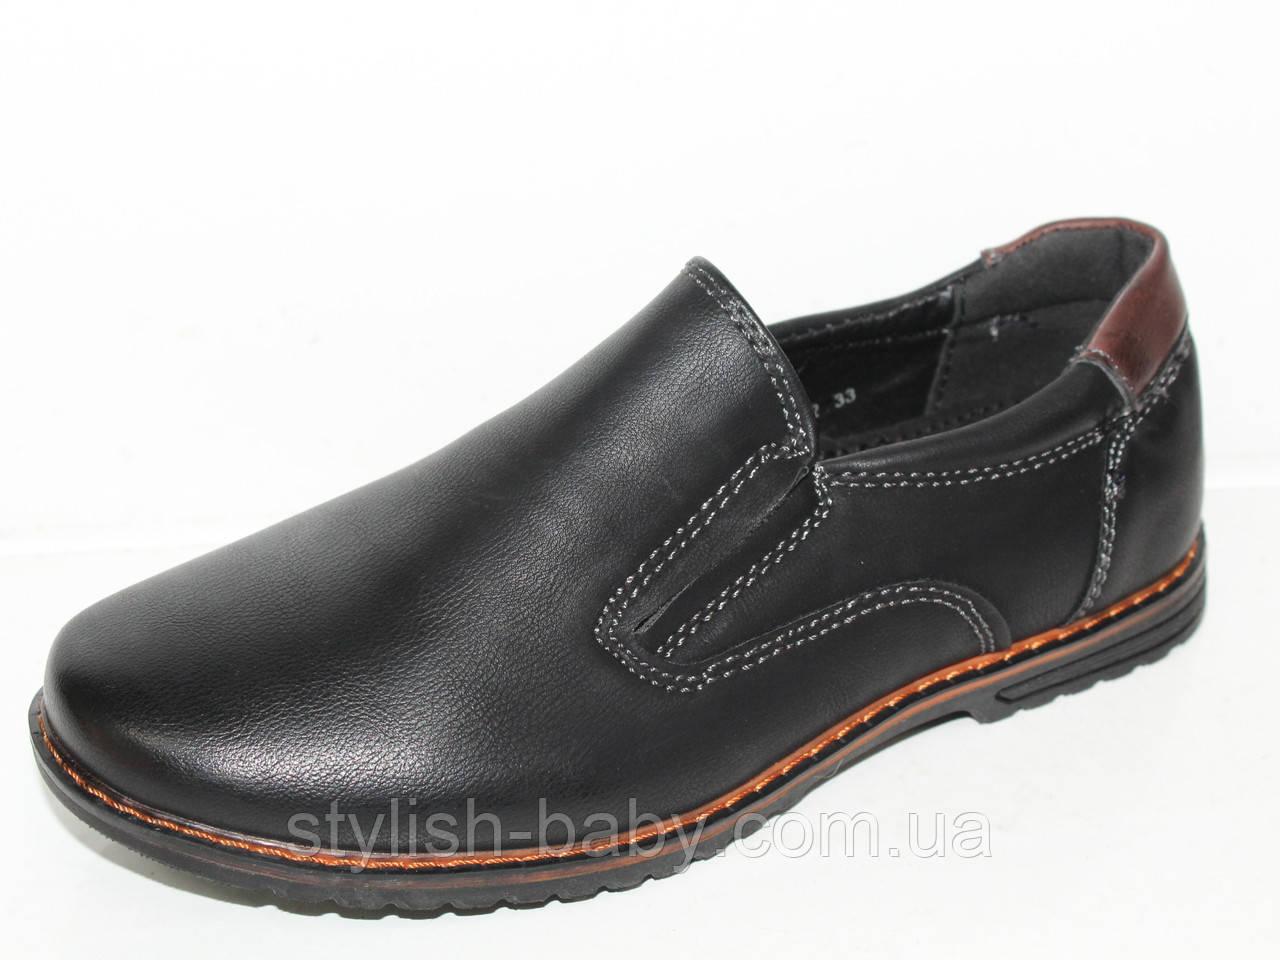 Школьная обувь оптом. Детские туфли бренда Kellaifeng для мальчиков (рр. с 33 по 38)